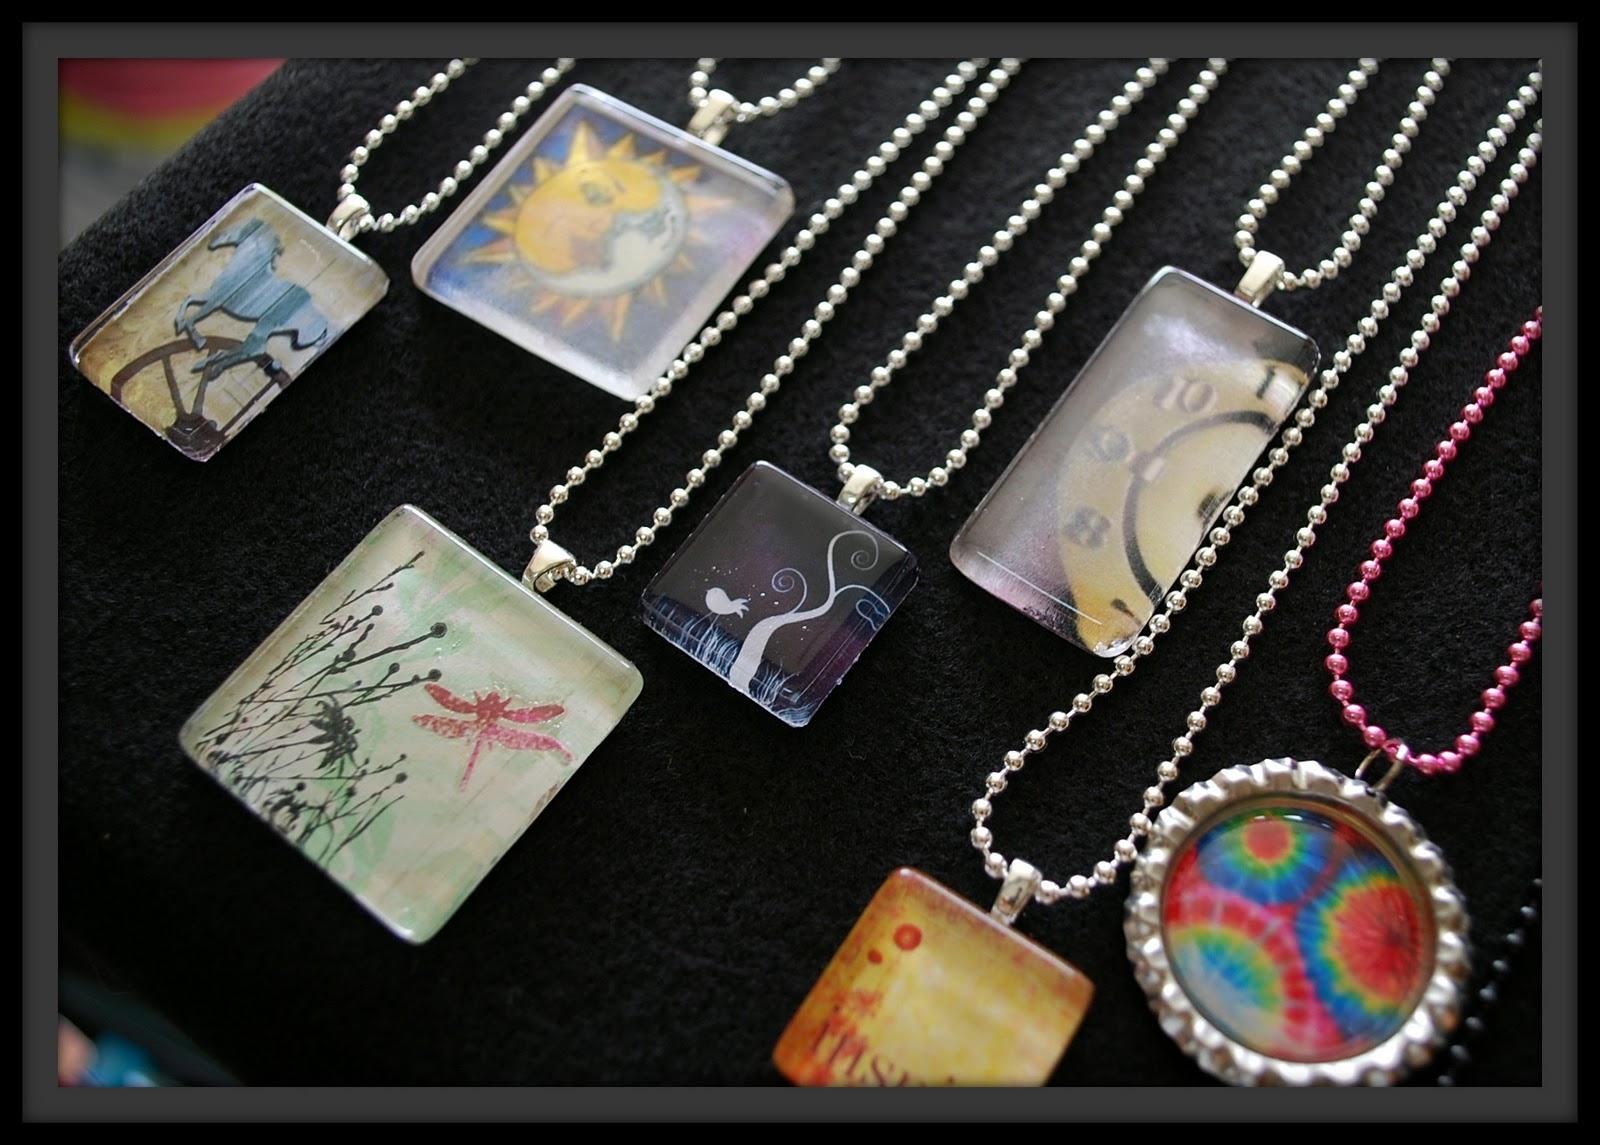 Melinda Orr Metal Amp Clay Jewelry Designs June 2010